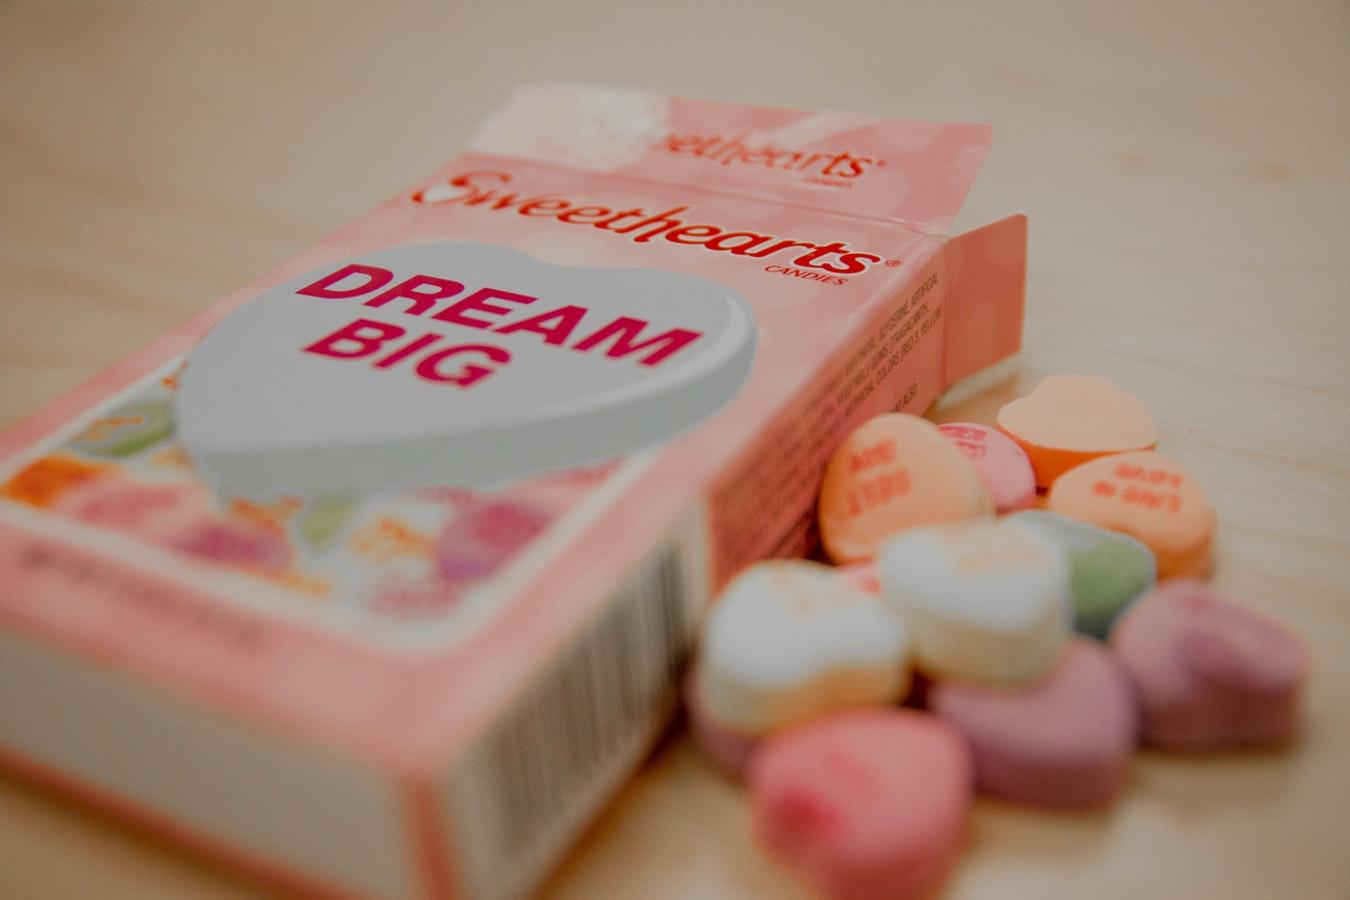 Dream big sweets